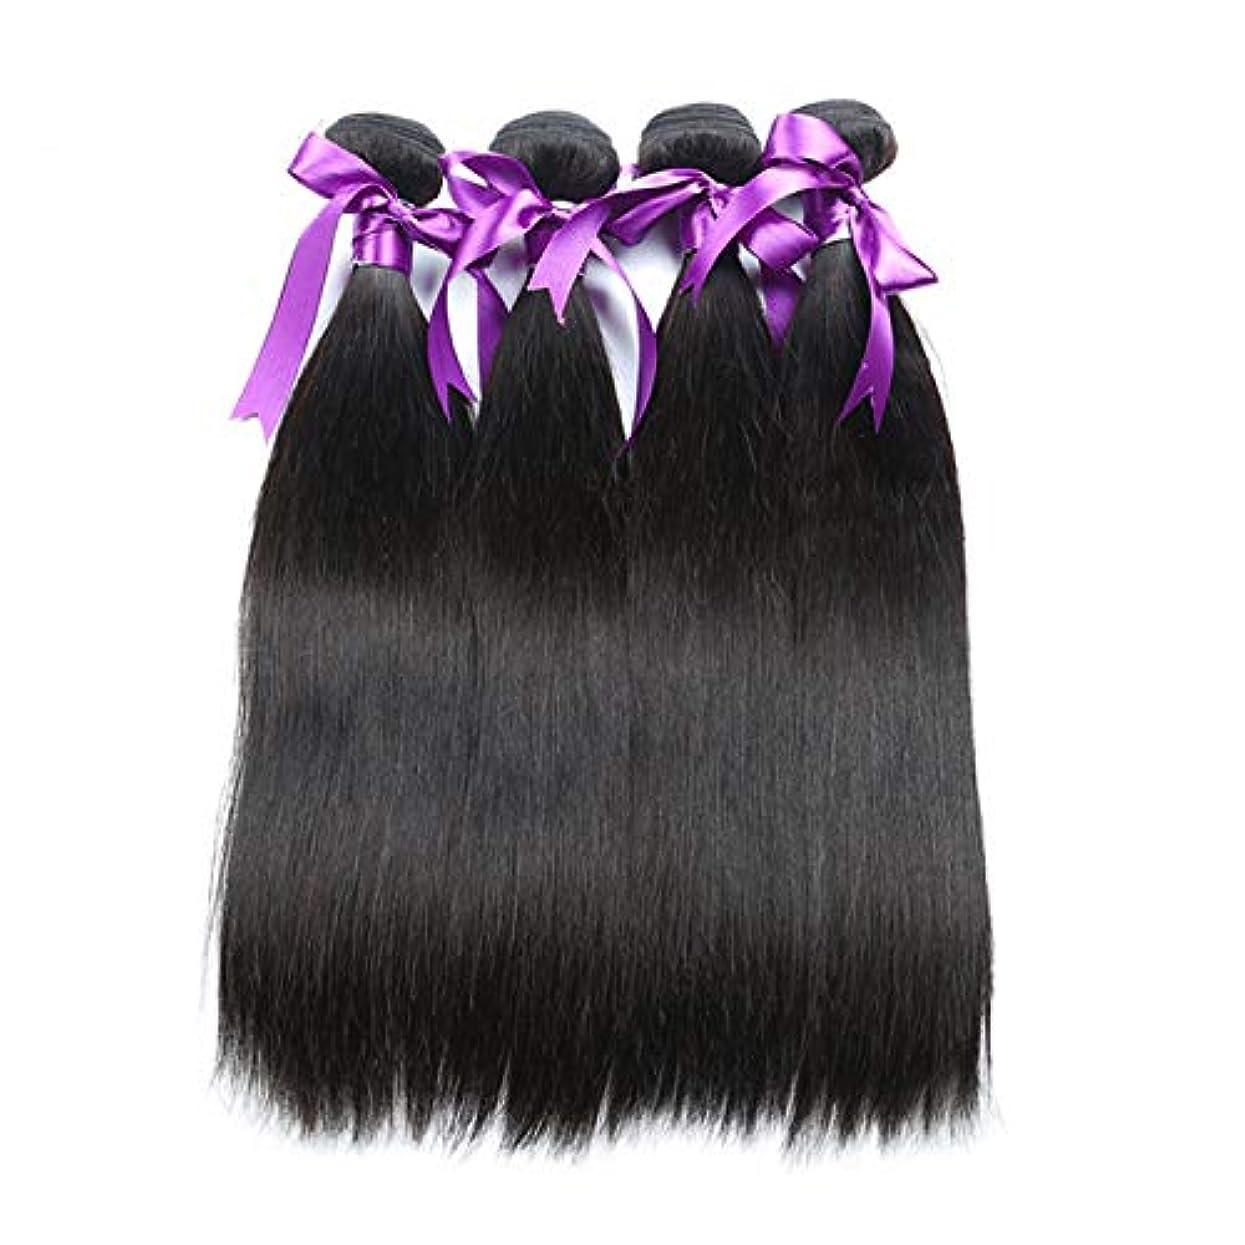 野心使役割合マレーシアのストレートヘア4本の人間の髪の束非レミーの毛の延長天然黒体毛髪のかつら (Length : 14 16 18 18)